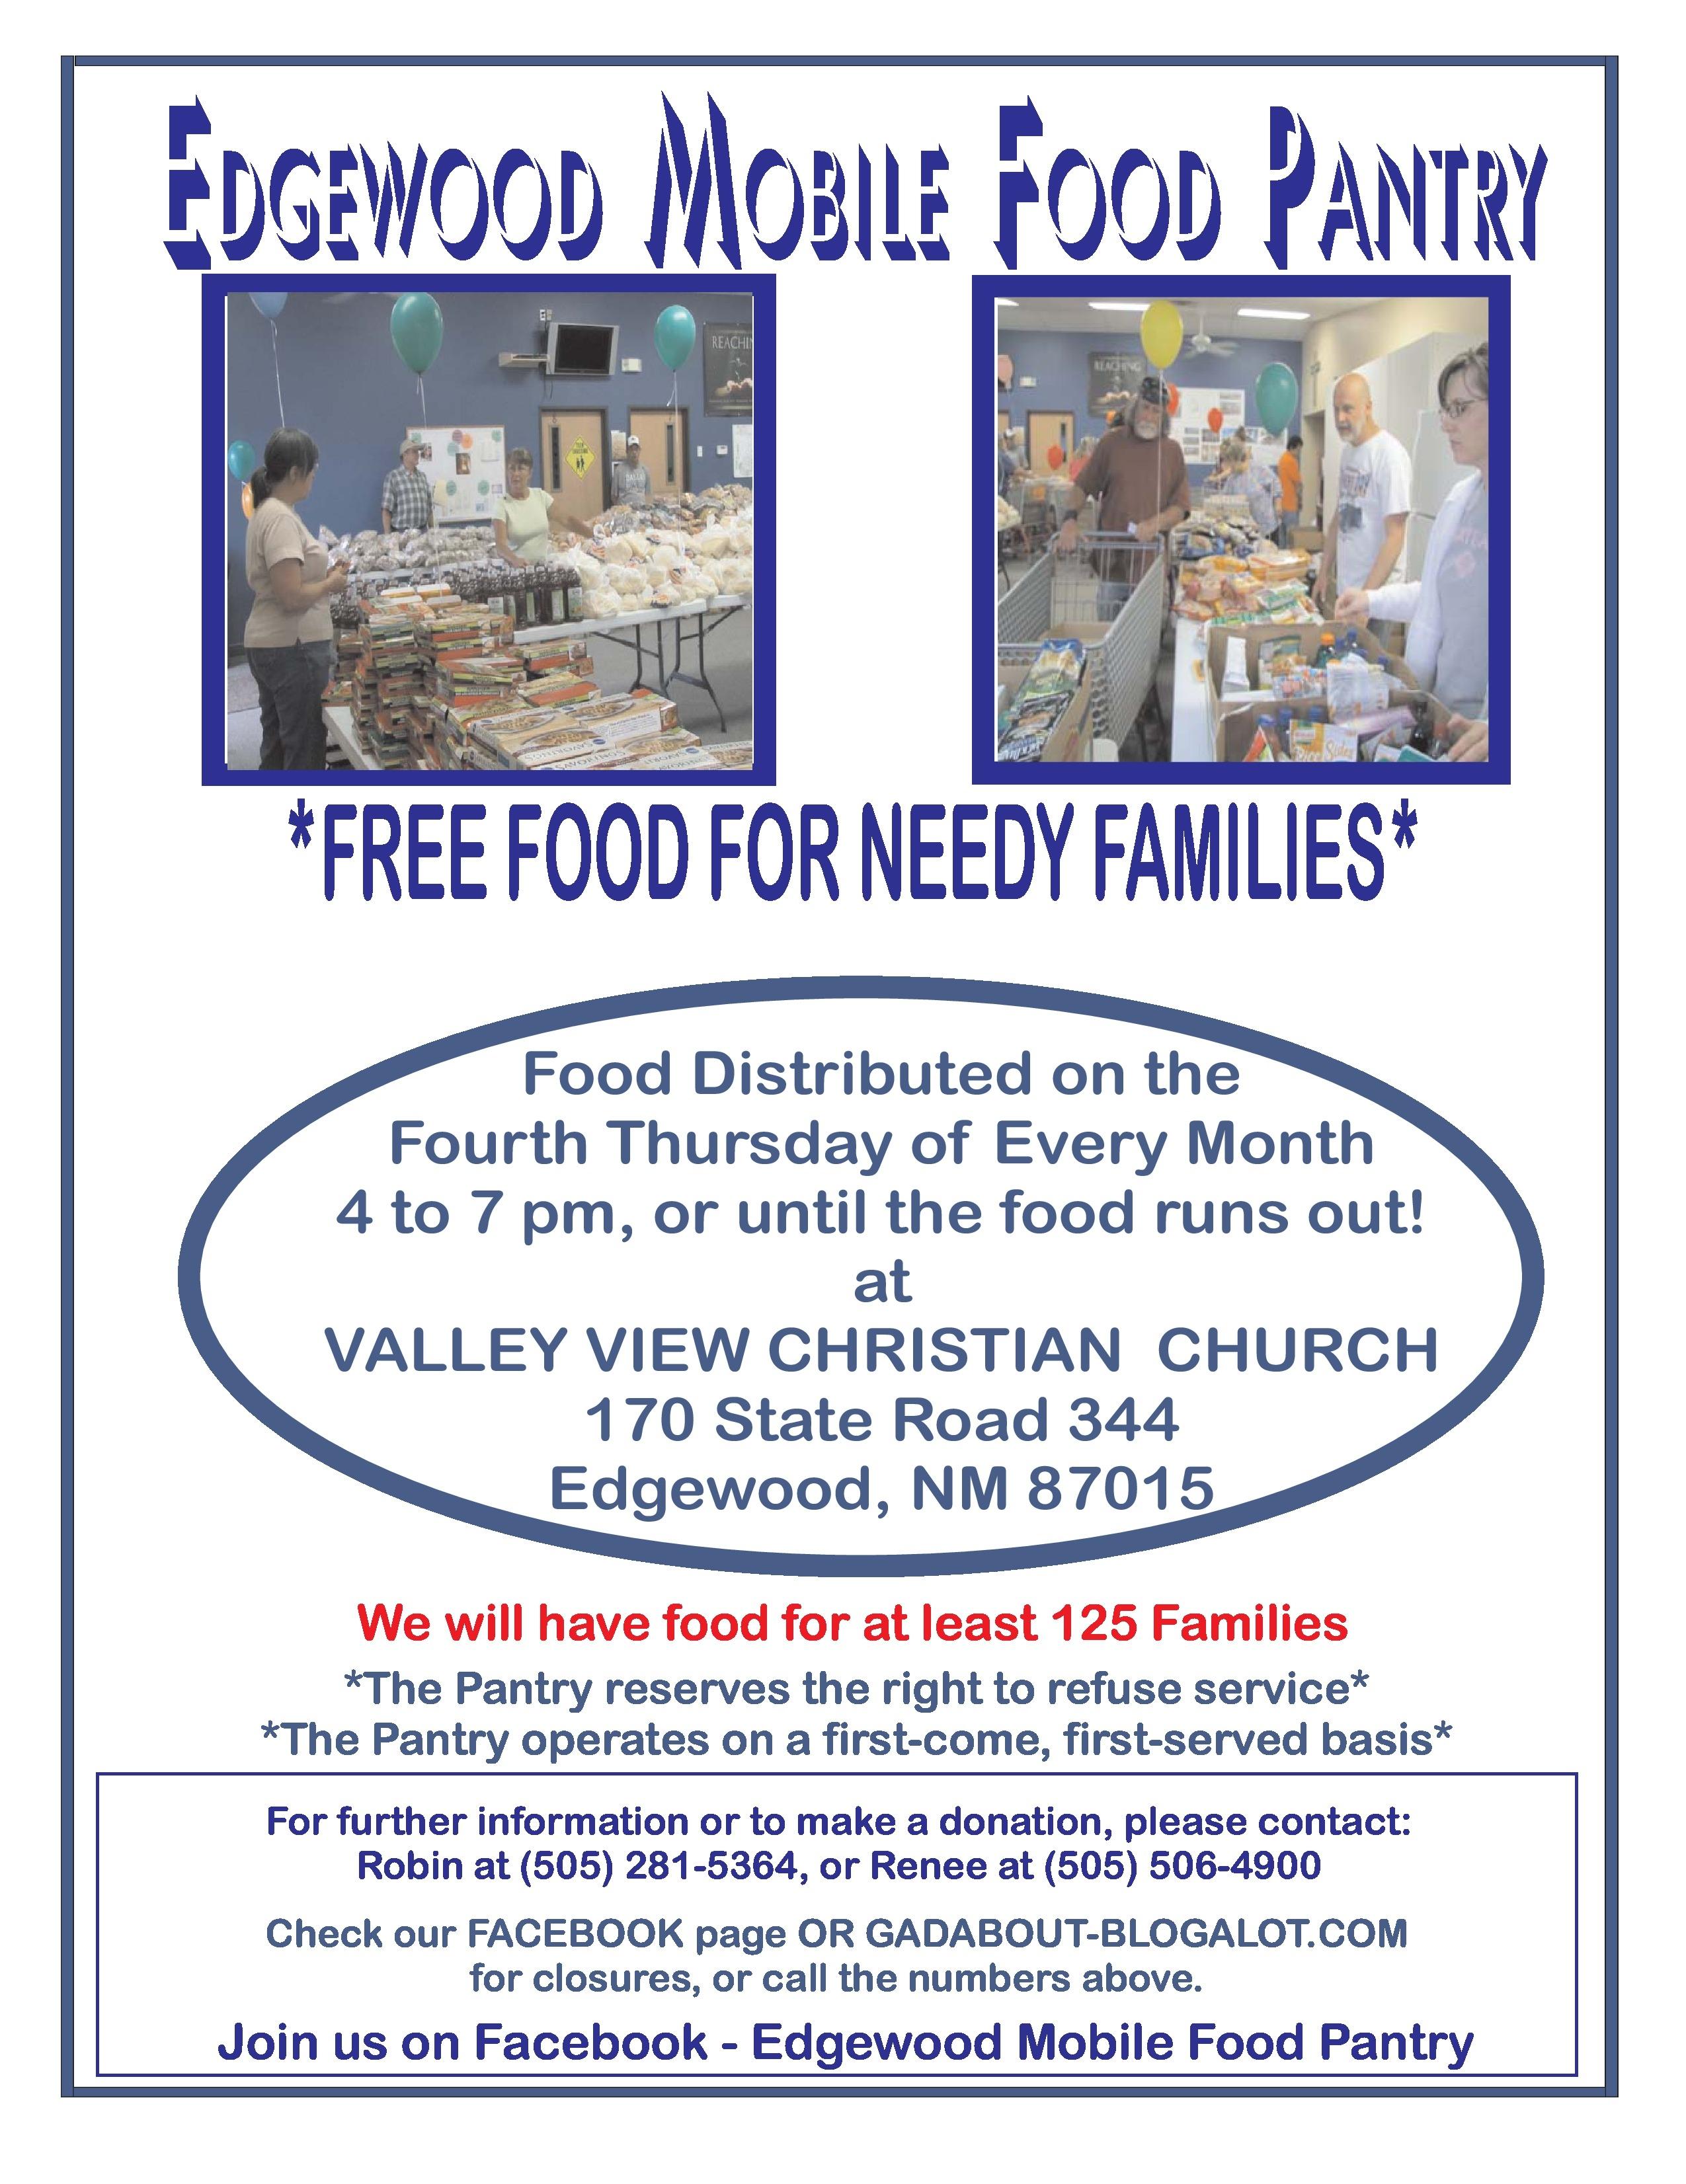 Edgewood_Mobile_Food_Pantry_Flyer_july_2013jpg